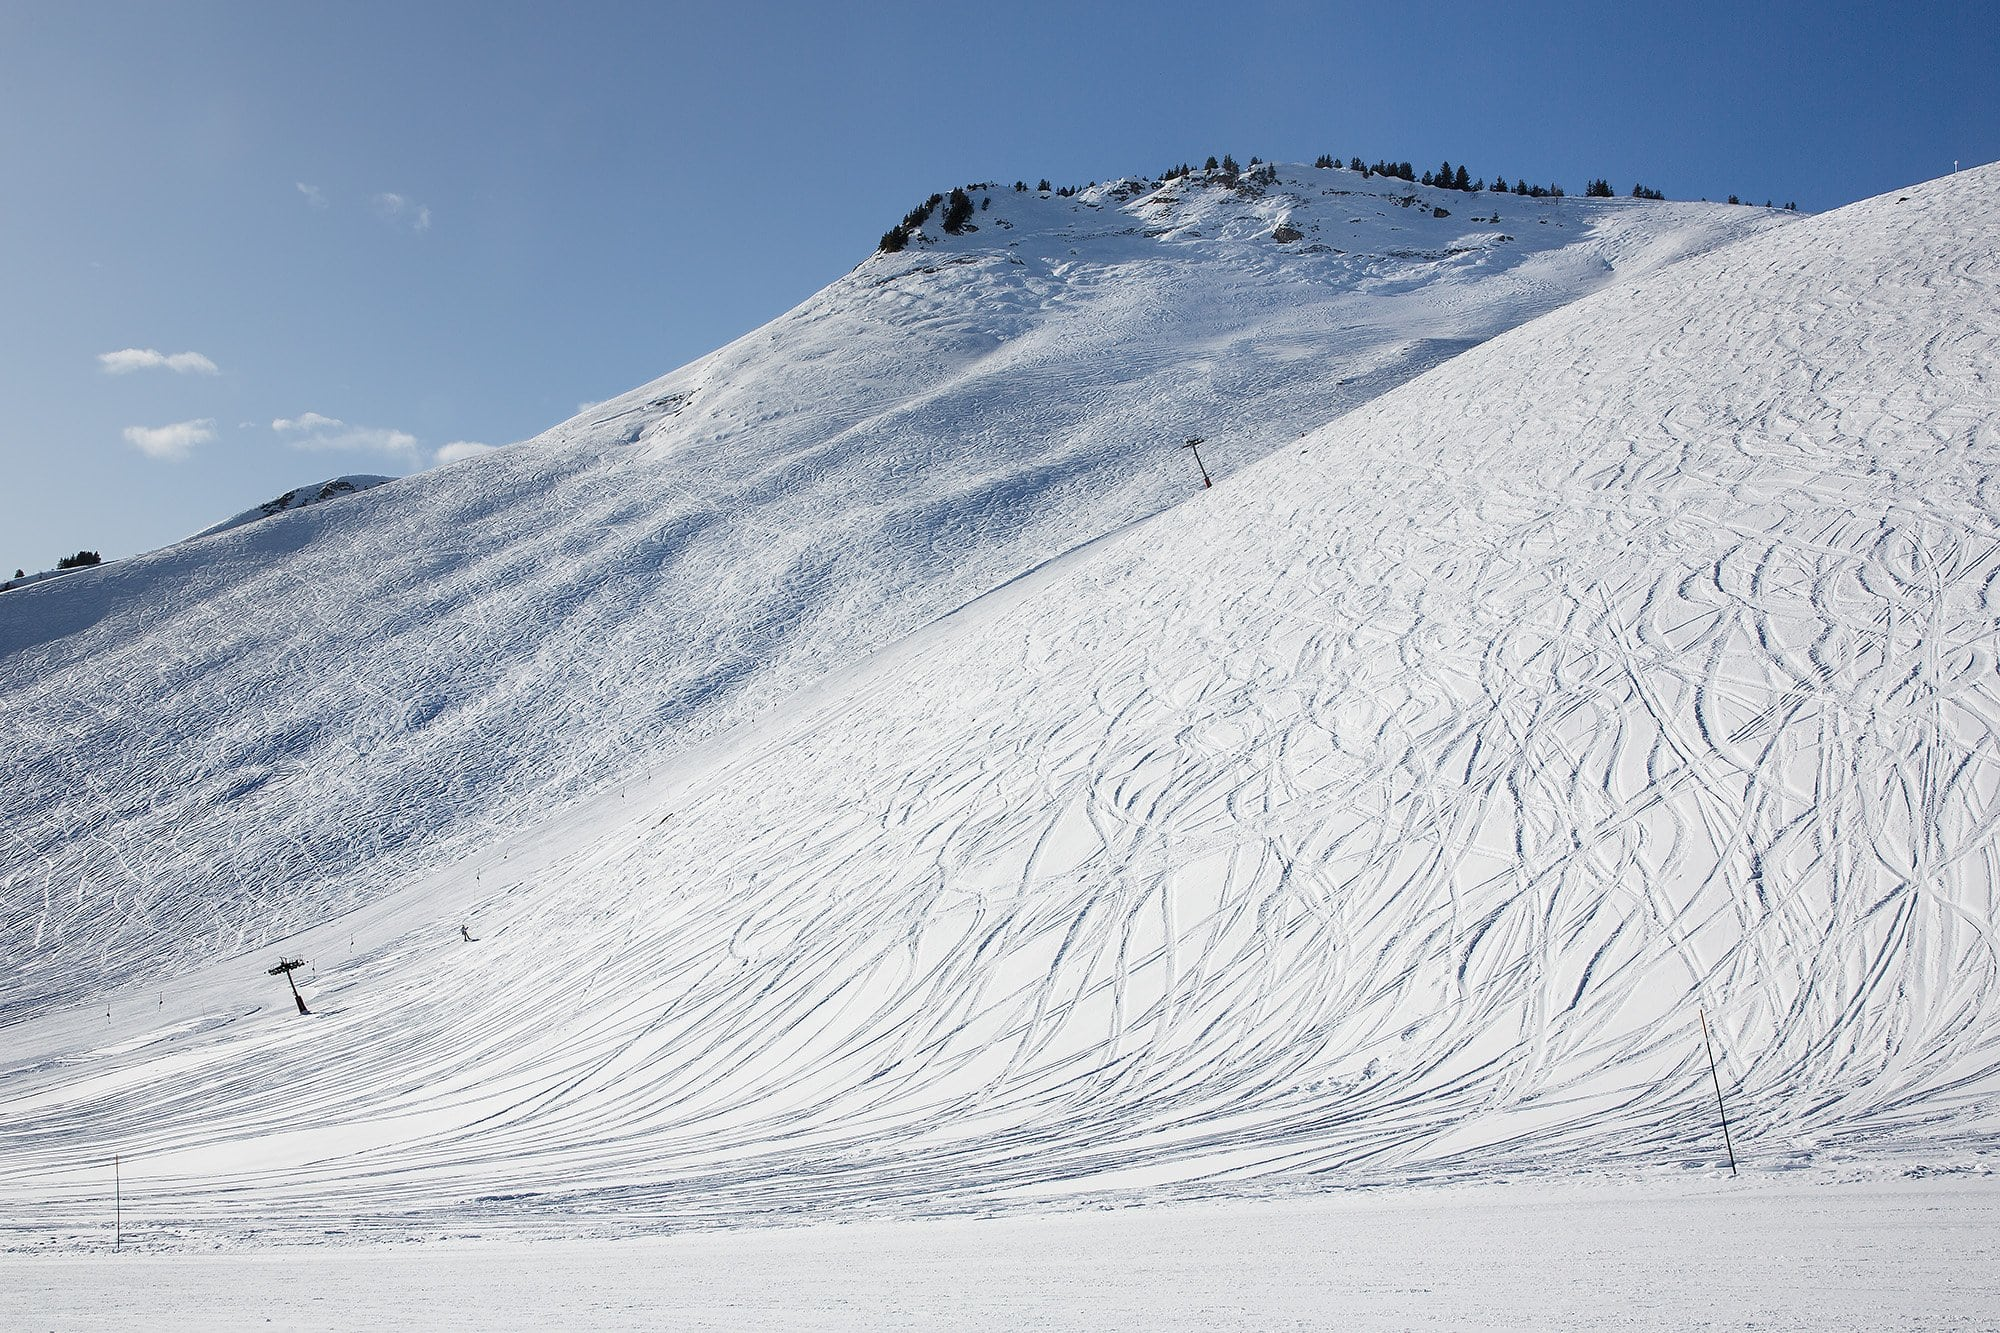 skieur accroché à la perche d'un remonte-pente